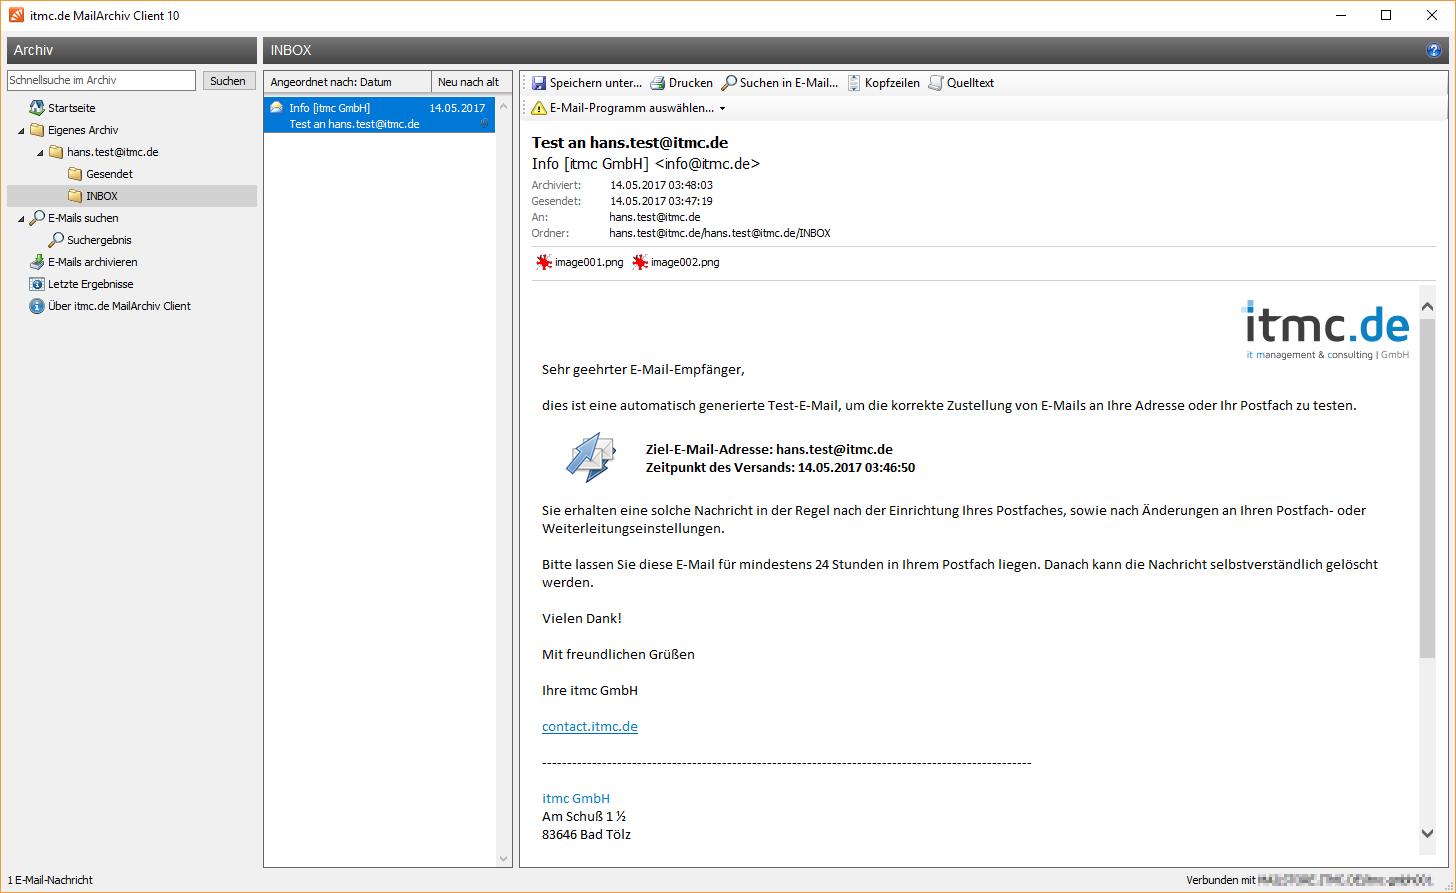 itmc.de MailArchiv Client INBOX von hans.test